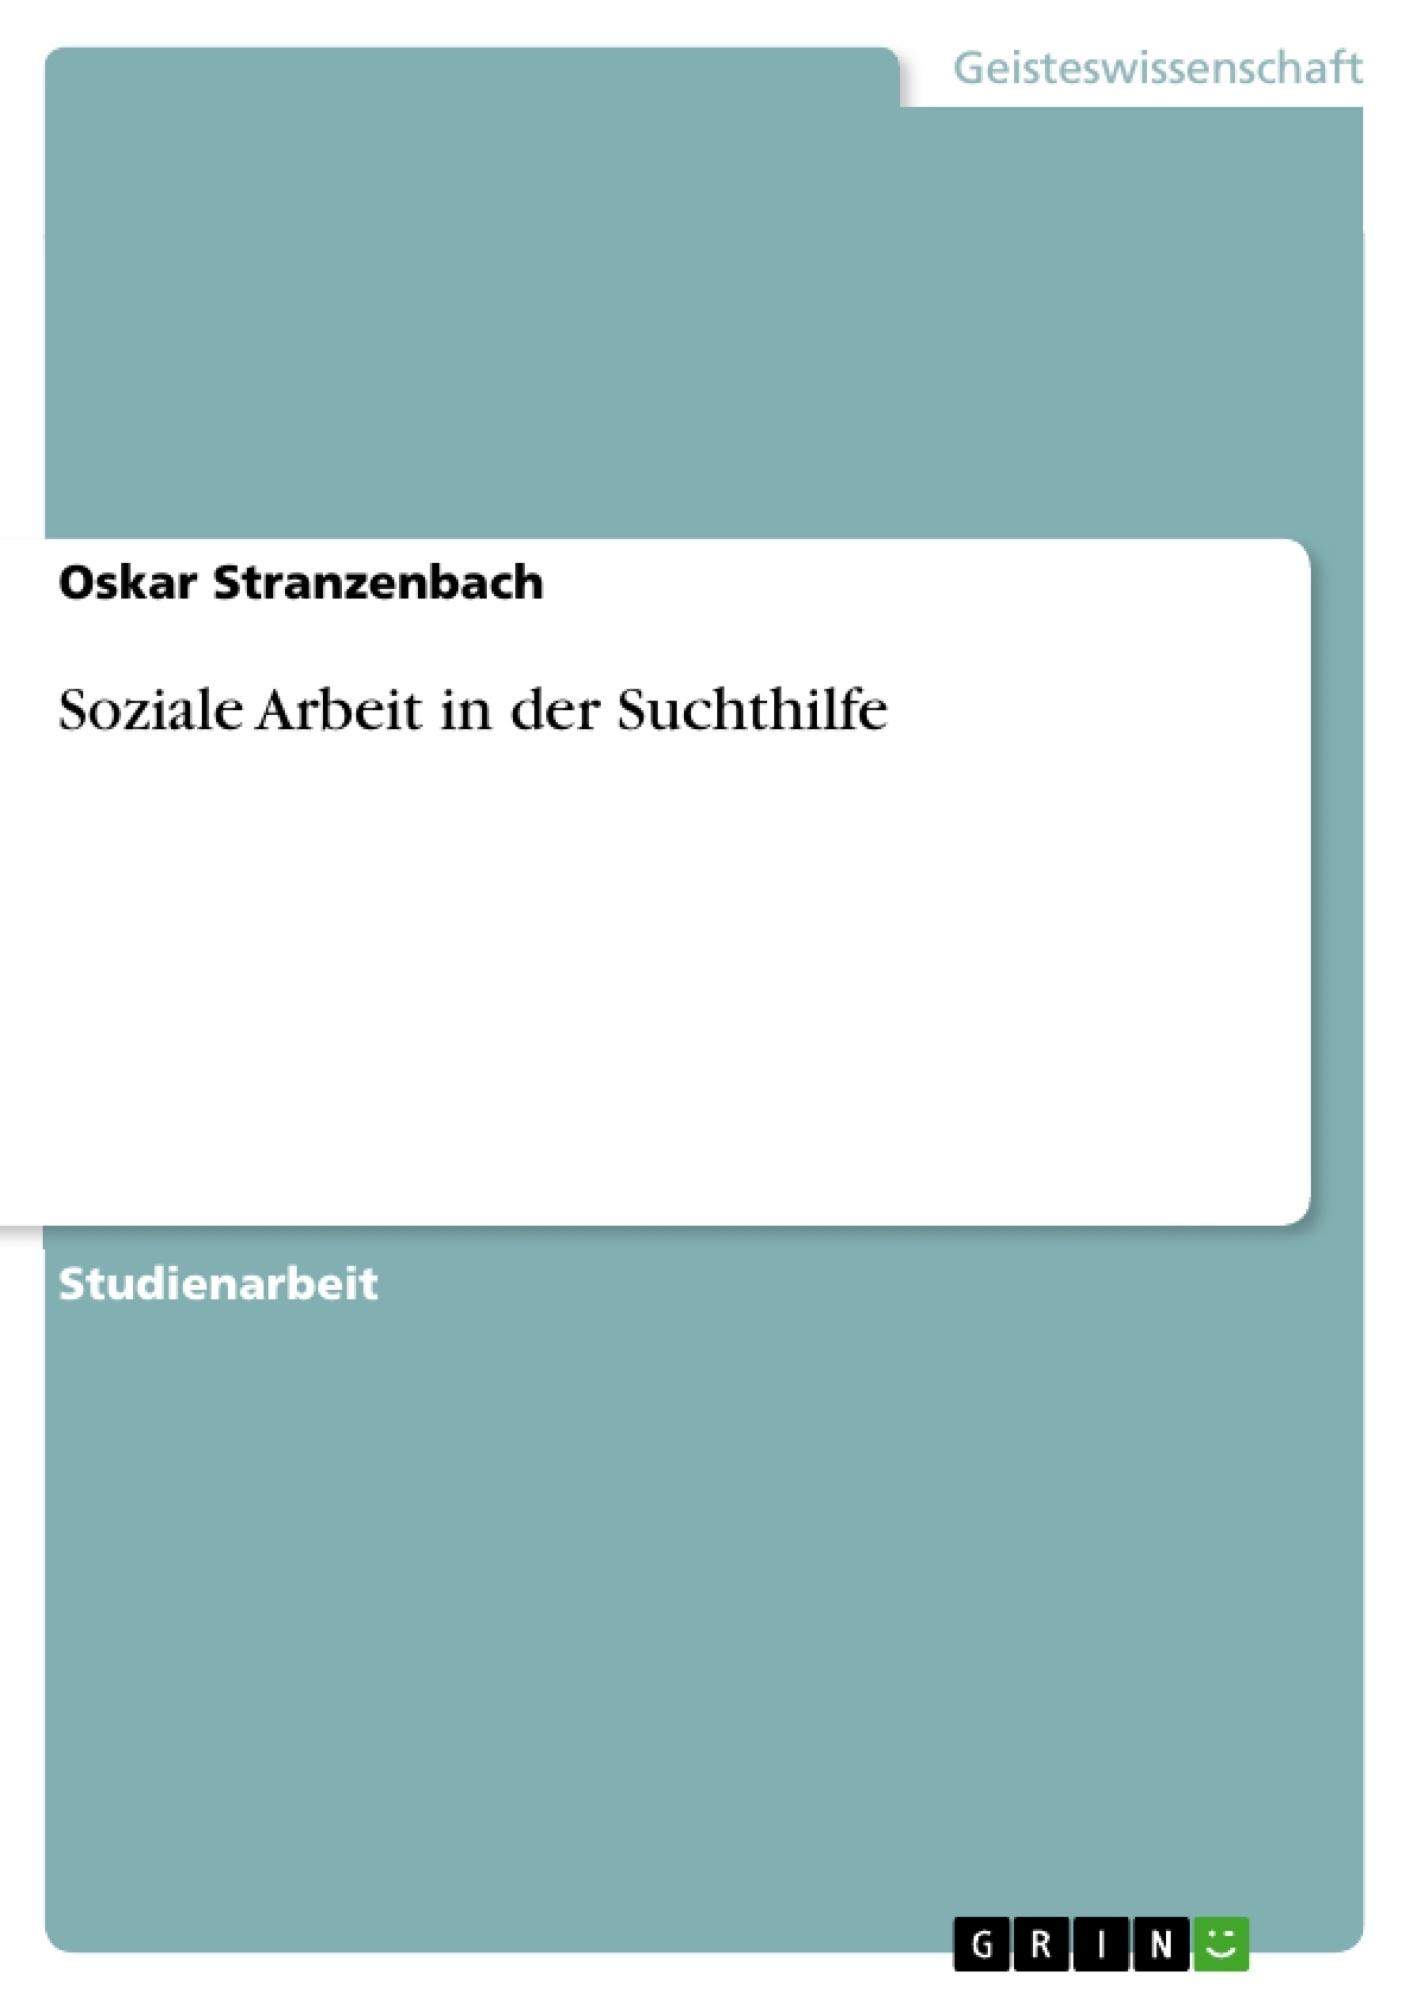 Titel: Soziale Arbeit in der Suchthilfe